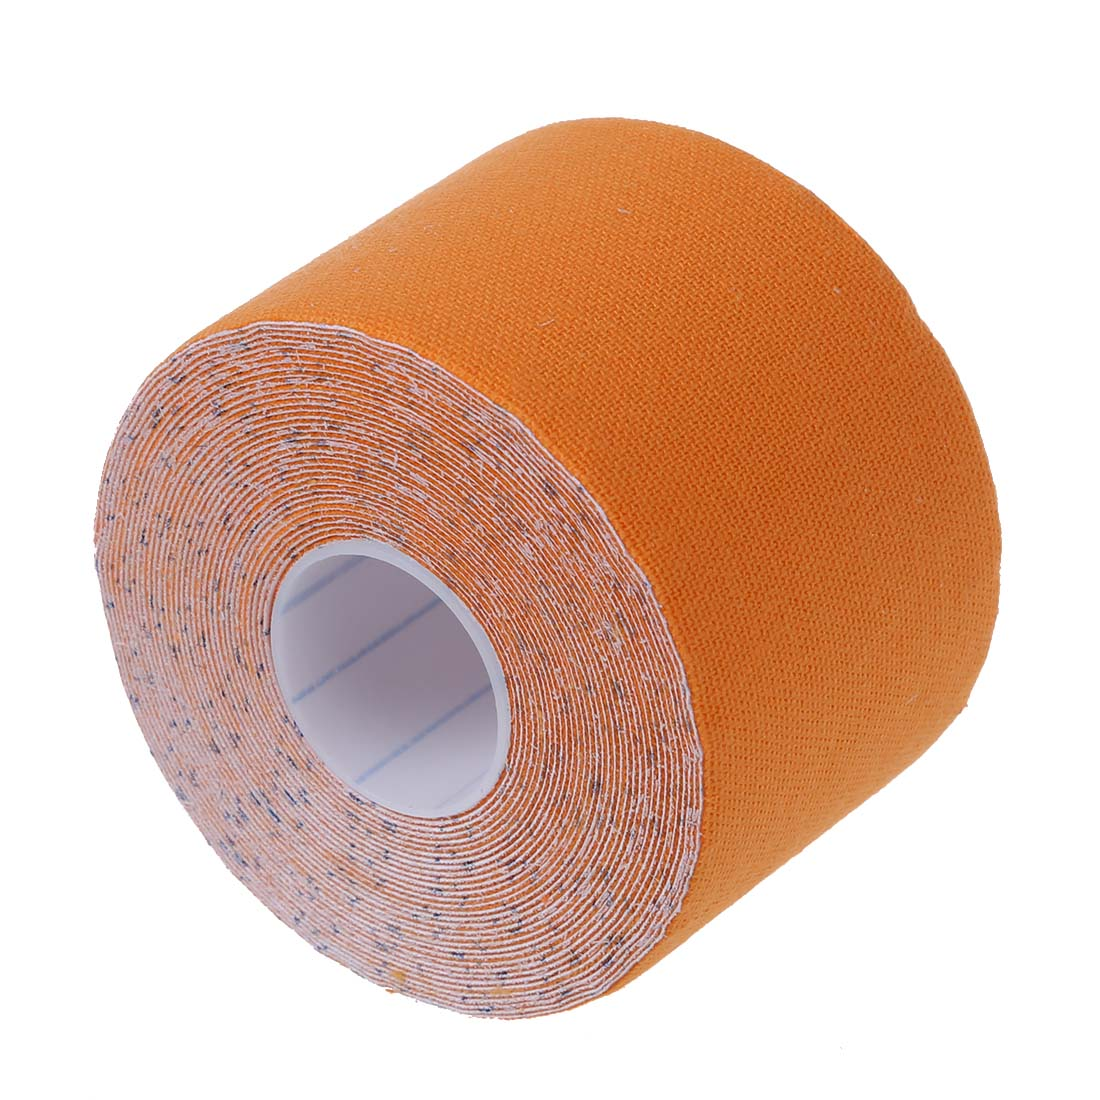 5 компл. продажа 1 рулон Спортивной Кинезиологии мышцы уход Фитнес спортивные здоровья ленты 5 м * 5 см-оранжевый